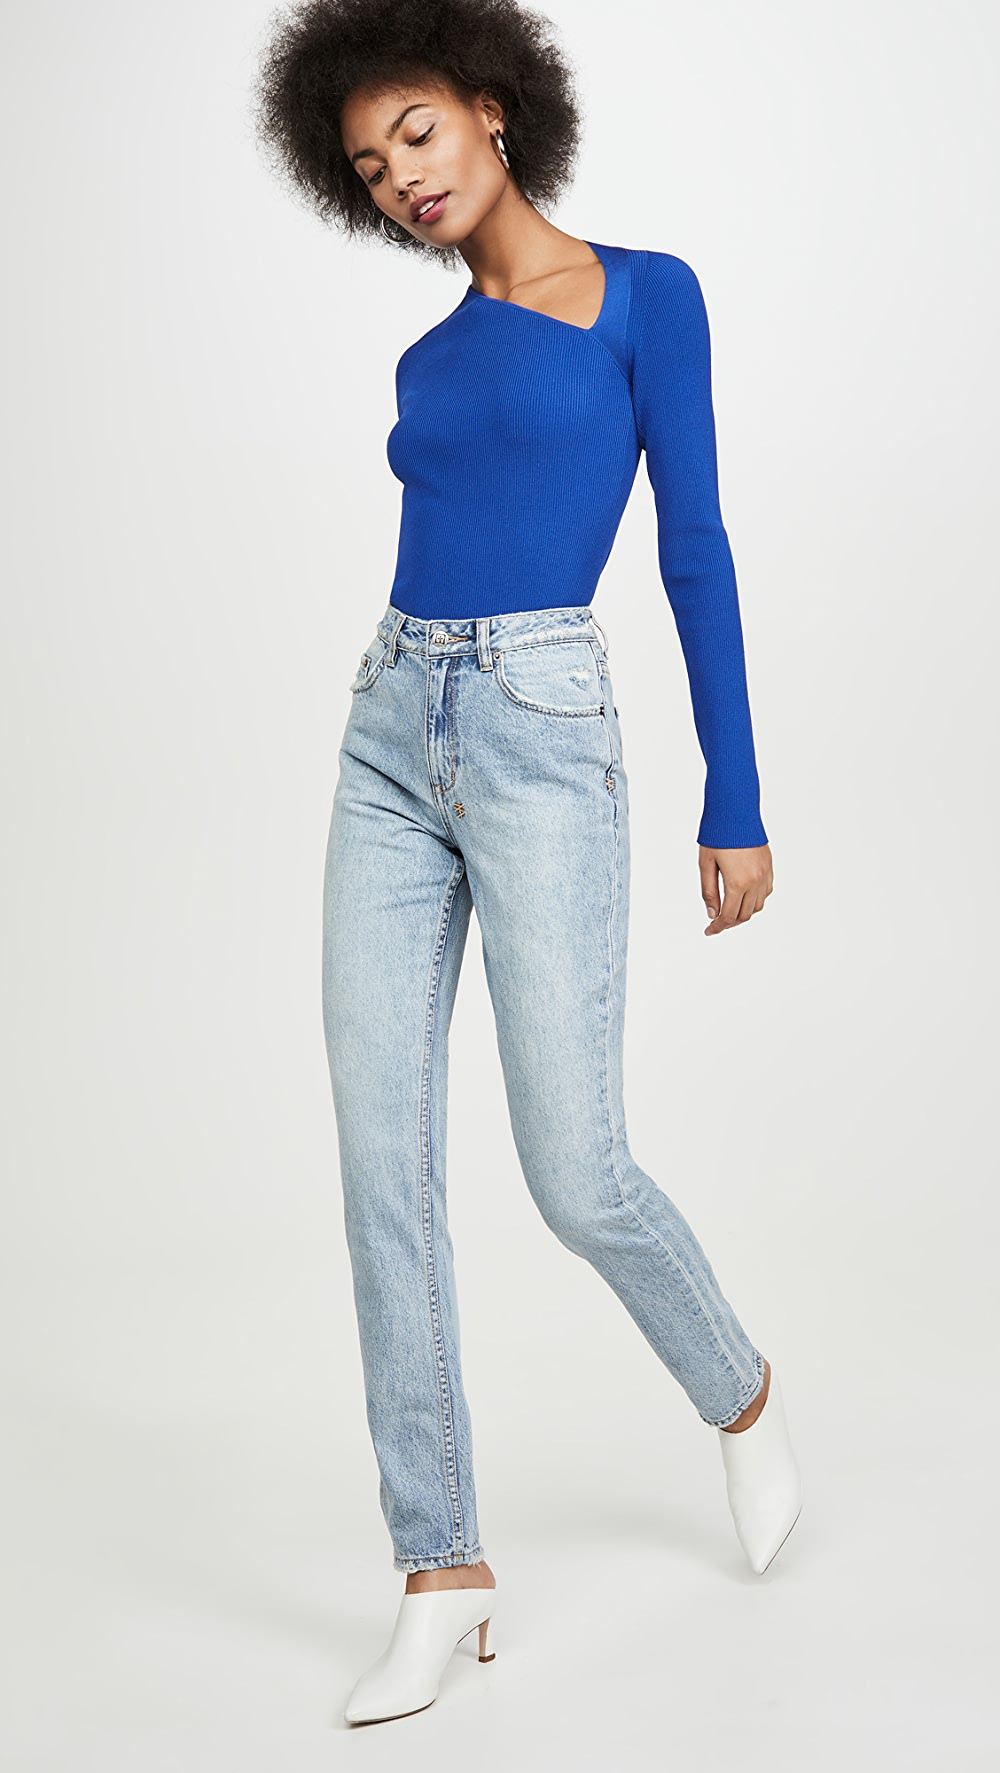 Frugal Ksubi - Slim Pin Jeans Evident Effect